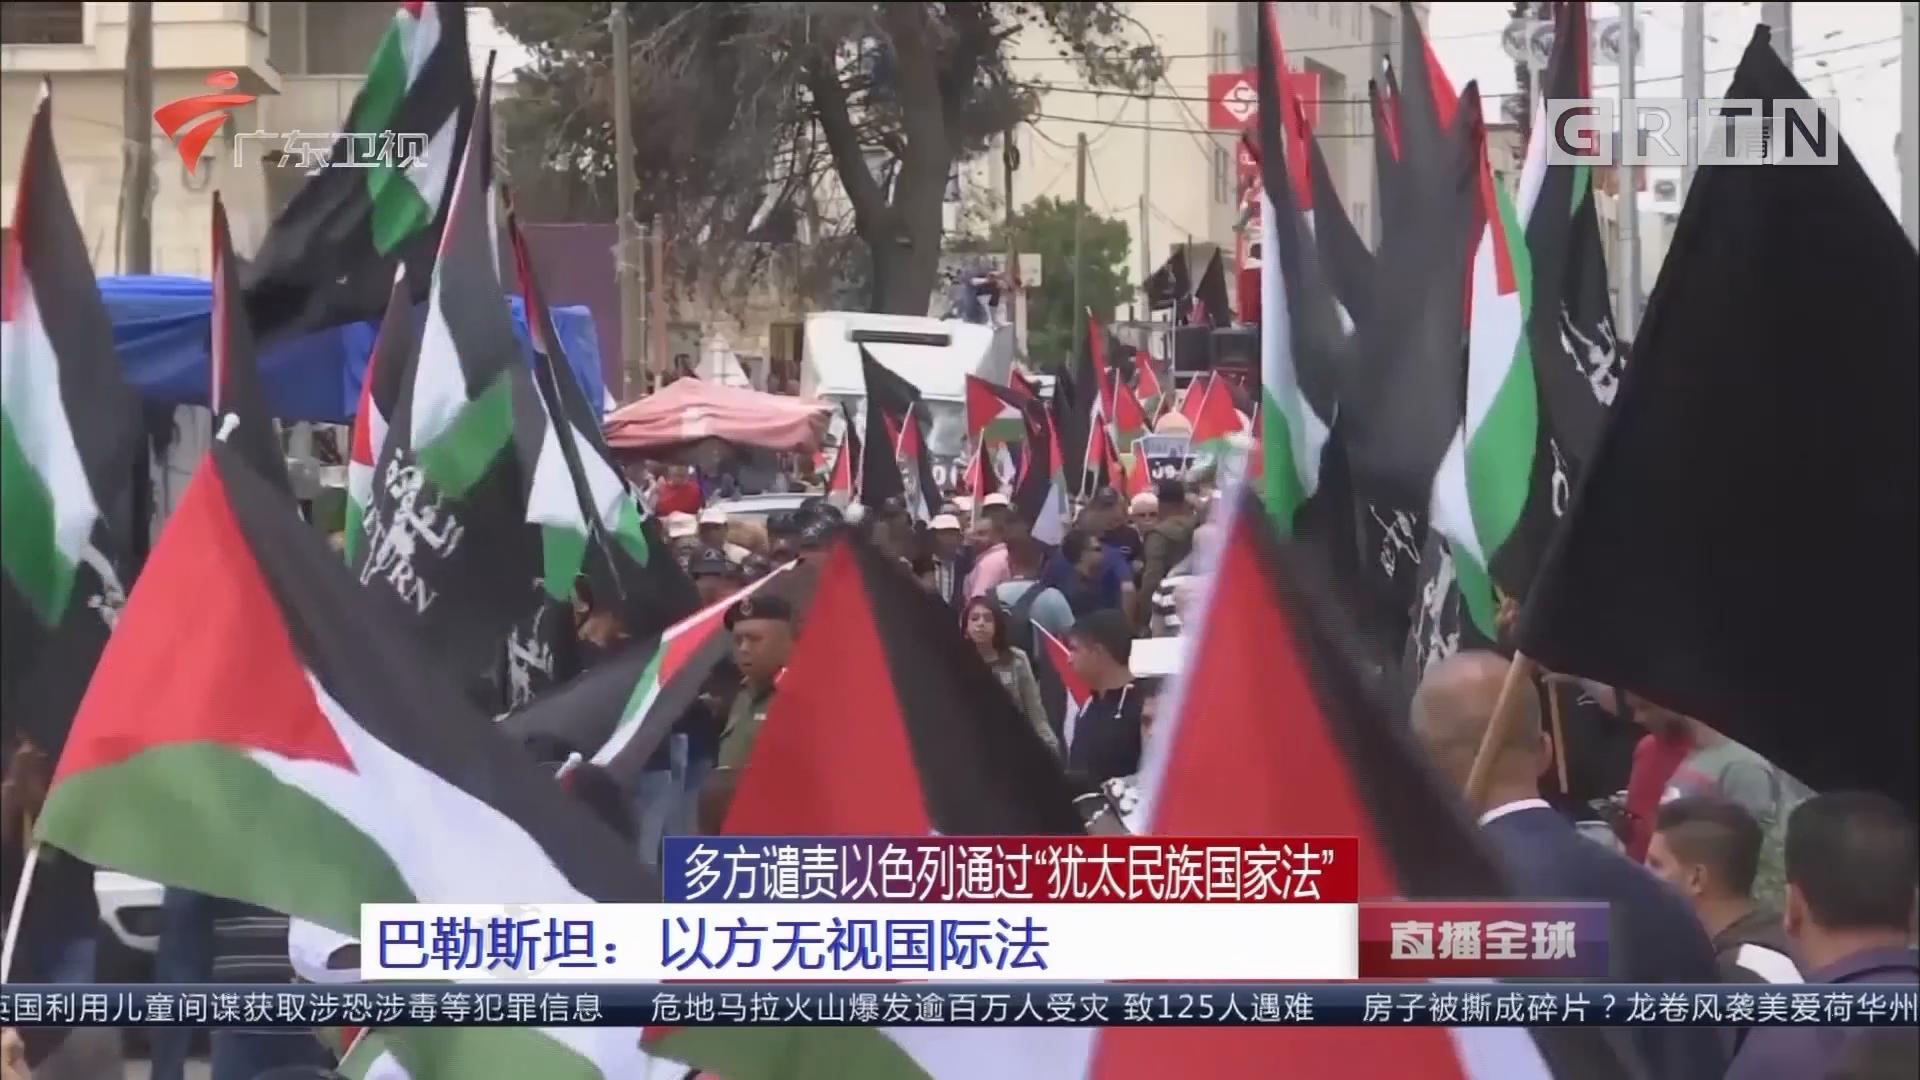 """多方谴责以色列通过""""犹太民族国家法"""" 巴勒斯坦:以方无视国际法"""